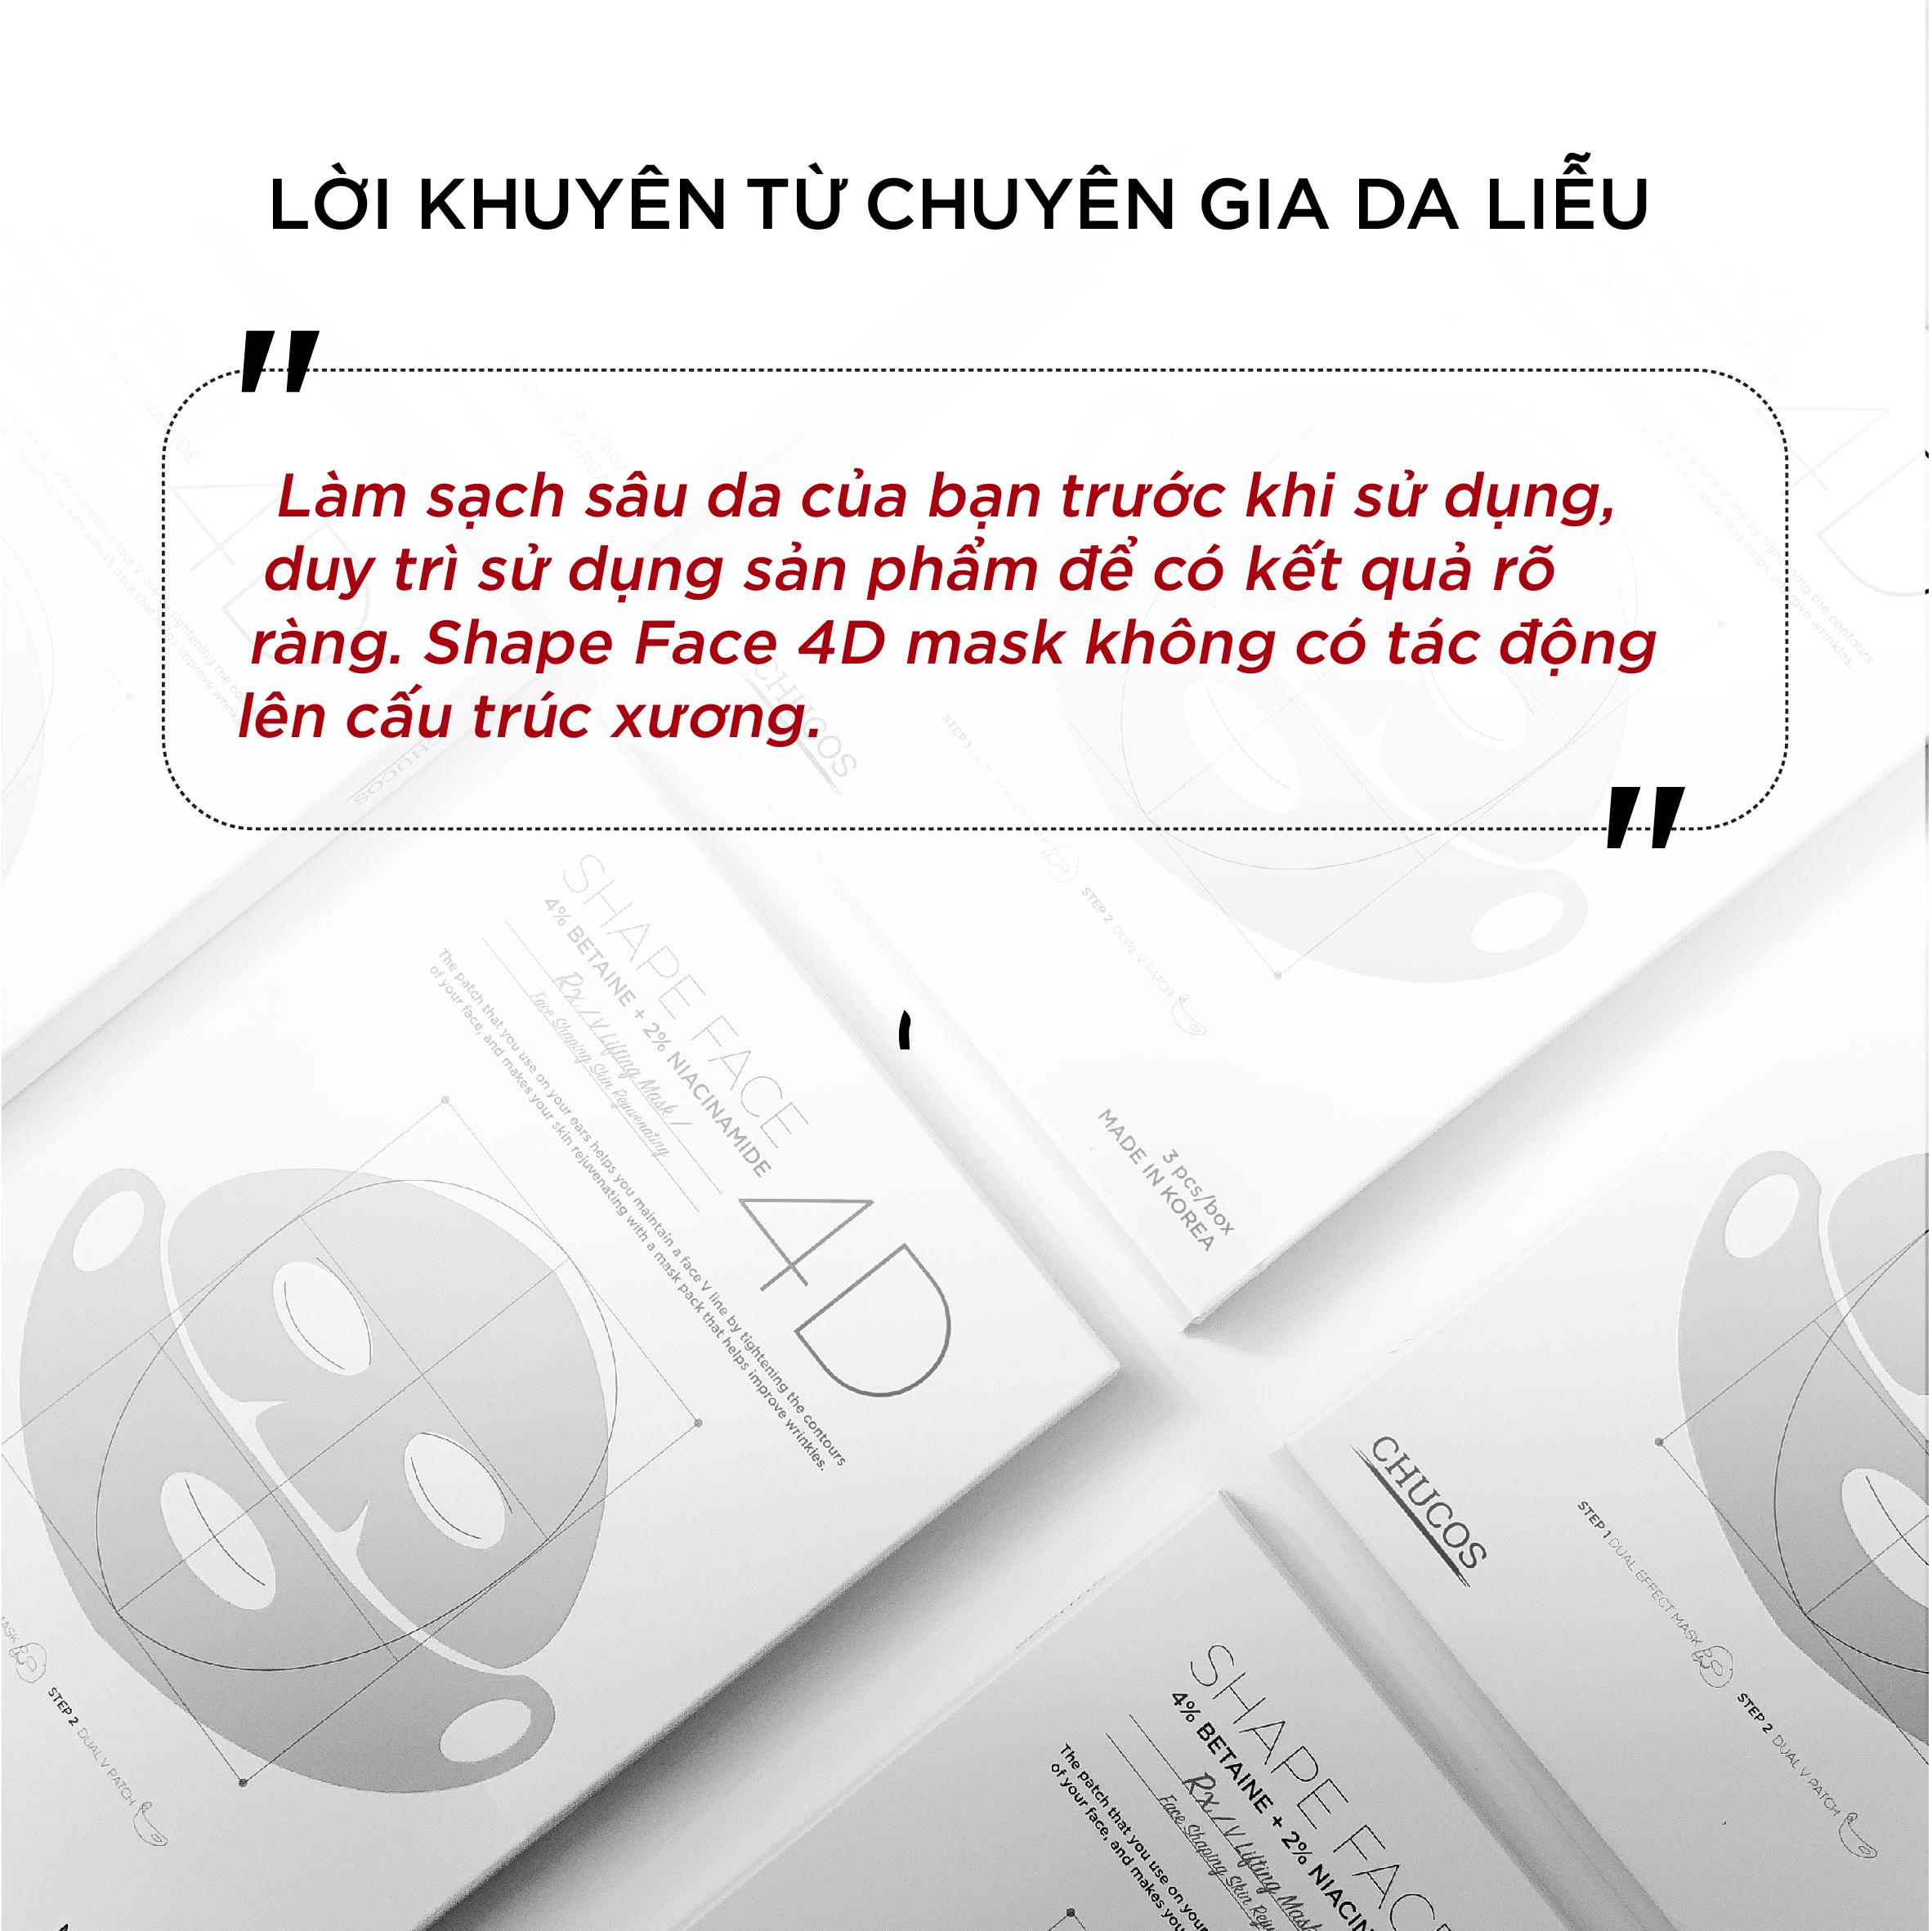 MẶT NẠ V-LINE 4D HAI BƯỚC TÁC ĐỘNG KÉP CHUCOS SHAPE FACE 4D  (HỘP 1 Mask)